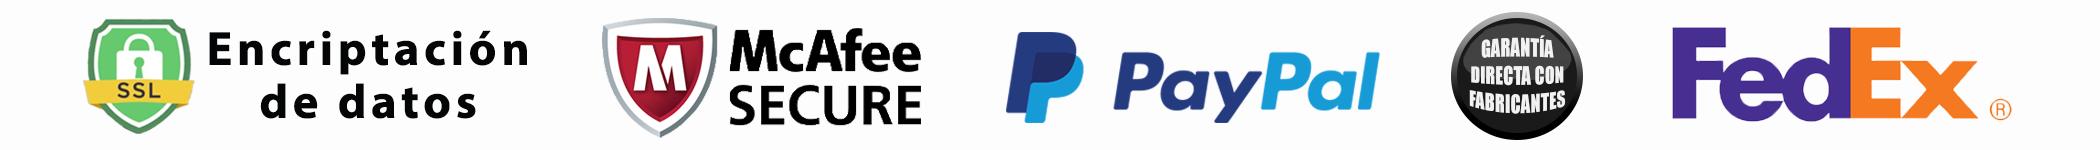 Contamos con encriptación de datos, análisis con McAfee secure, pago seguro con PayPal, entregas mediante FedEx y garantía con fabricantes